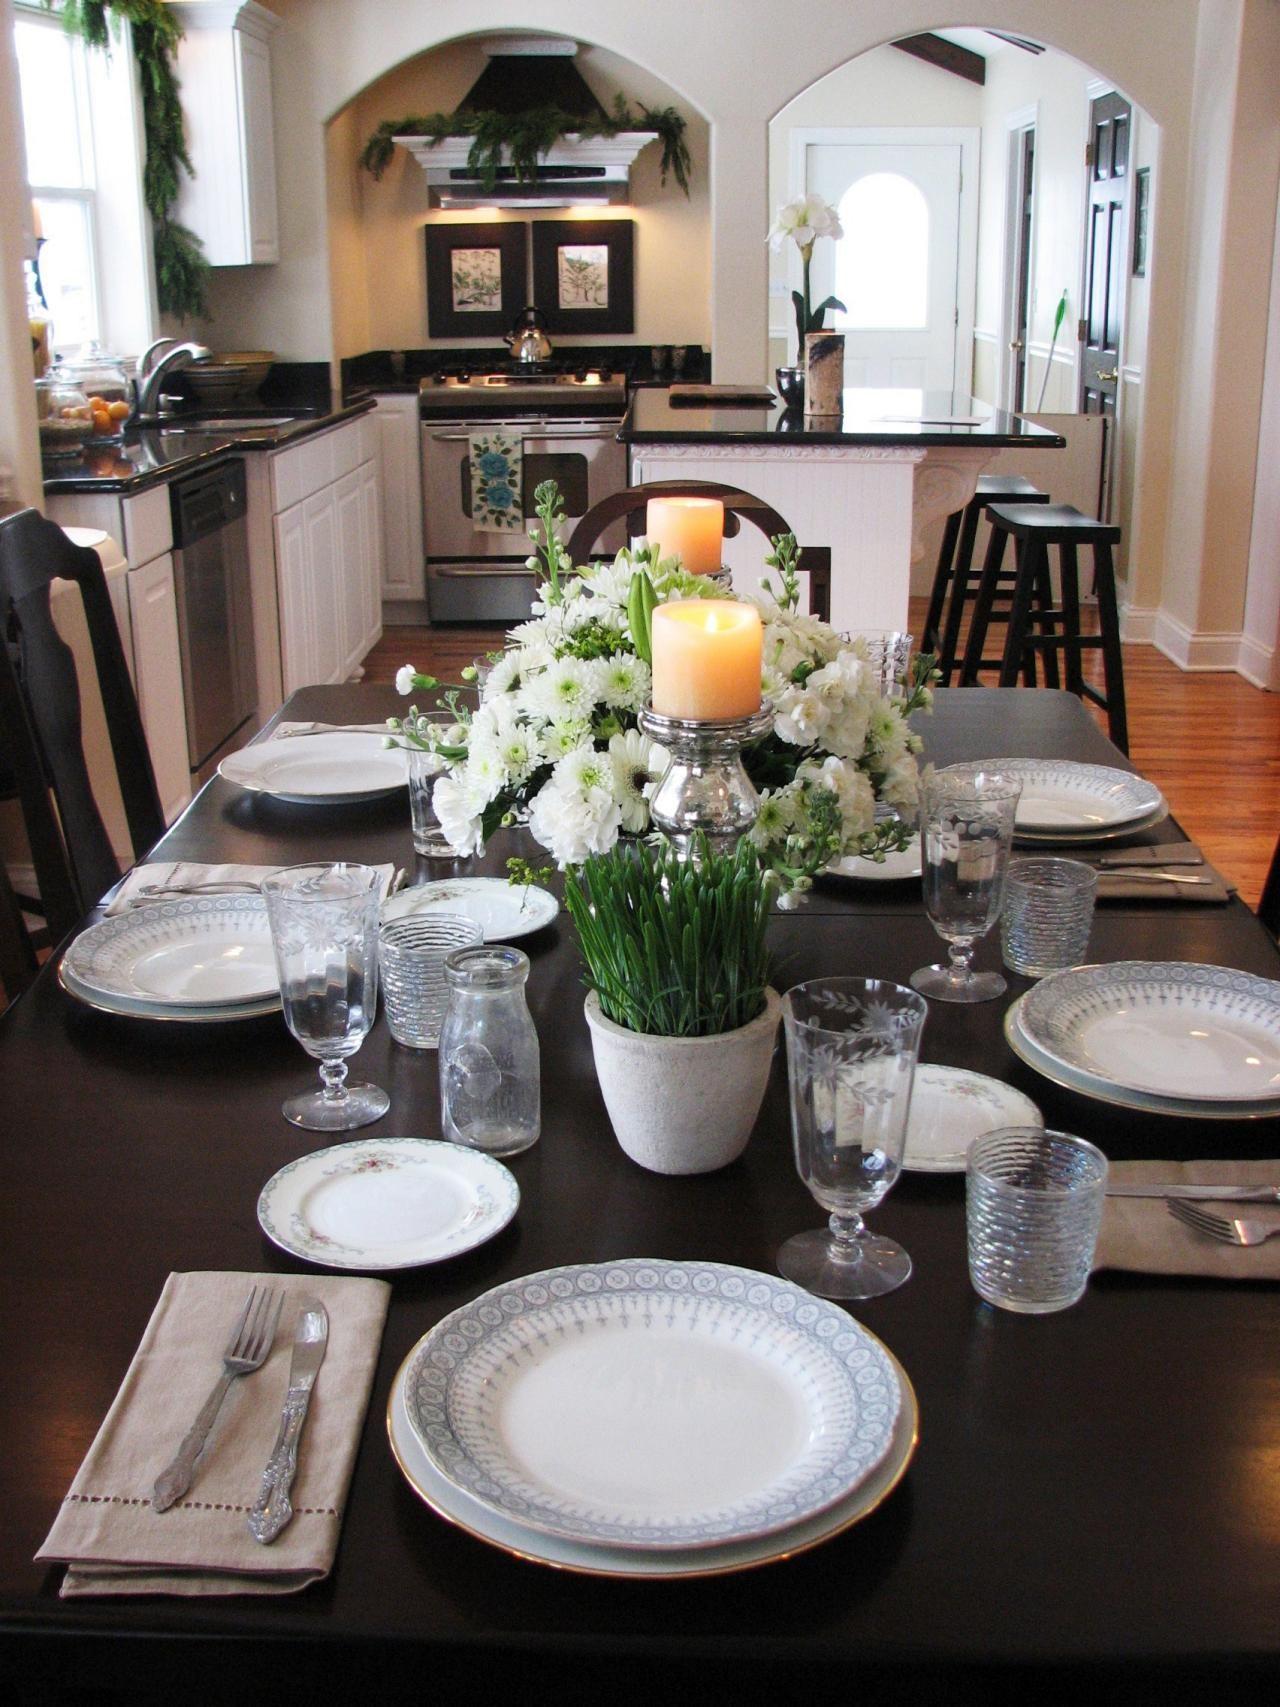 Küche Tisch Dekorationen | Küche | Pinterest | Küche tisch, Tisch ...